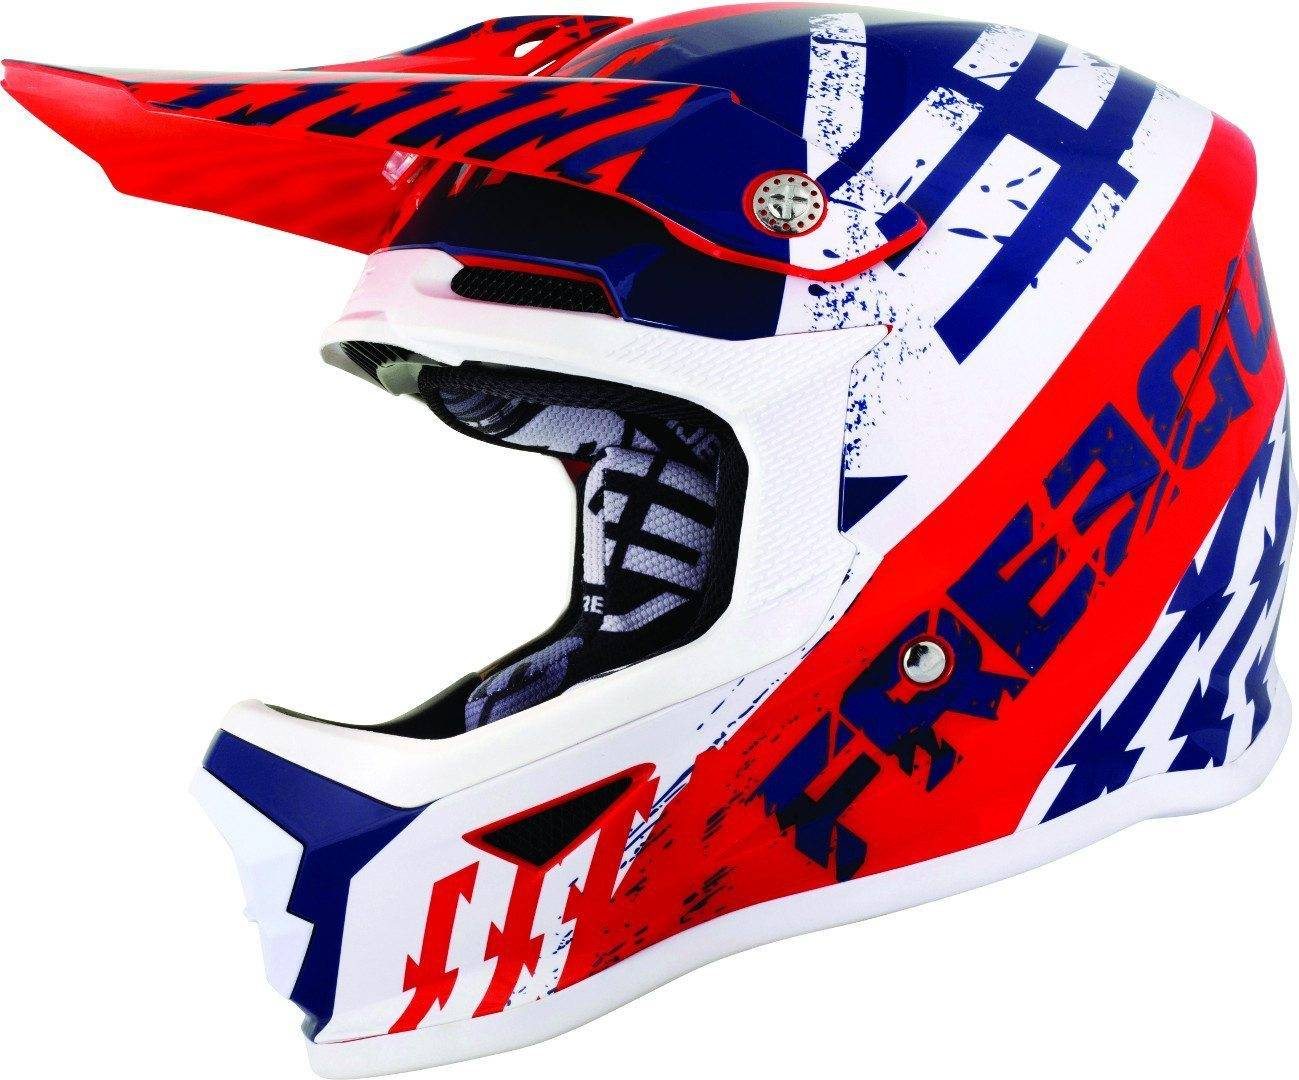 Freegun XP4 Outlaw Casco de Motocross de los niños Blanco Rojo Azul L